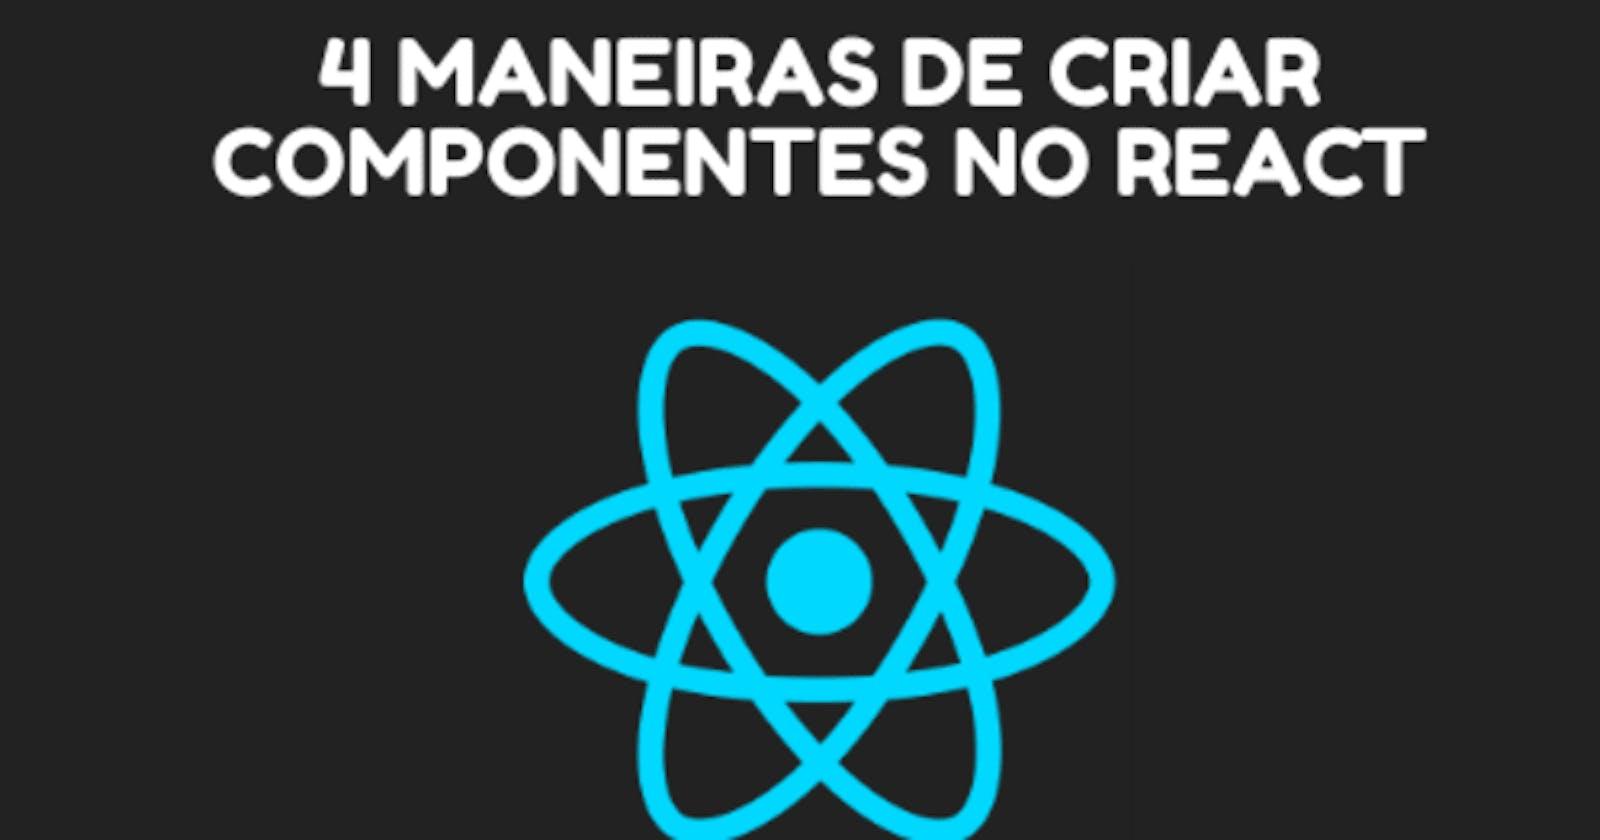 4 maneiras de criar componentes no React